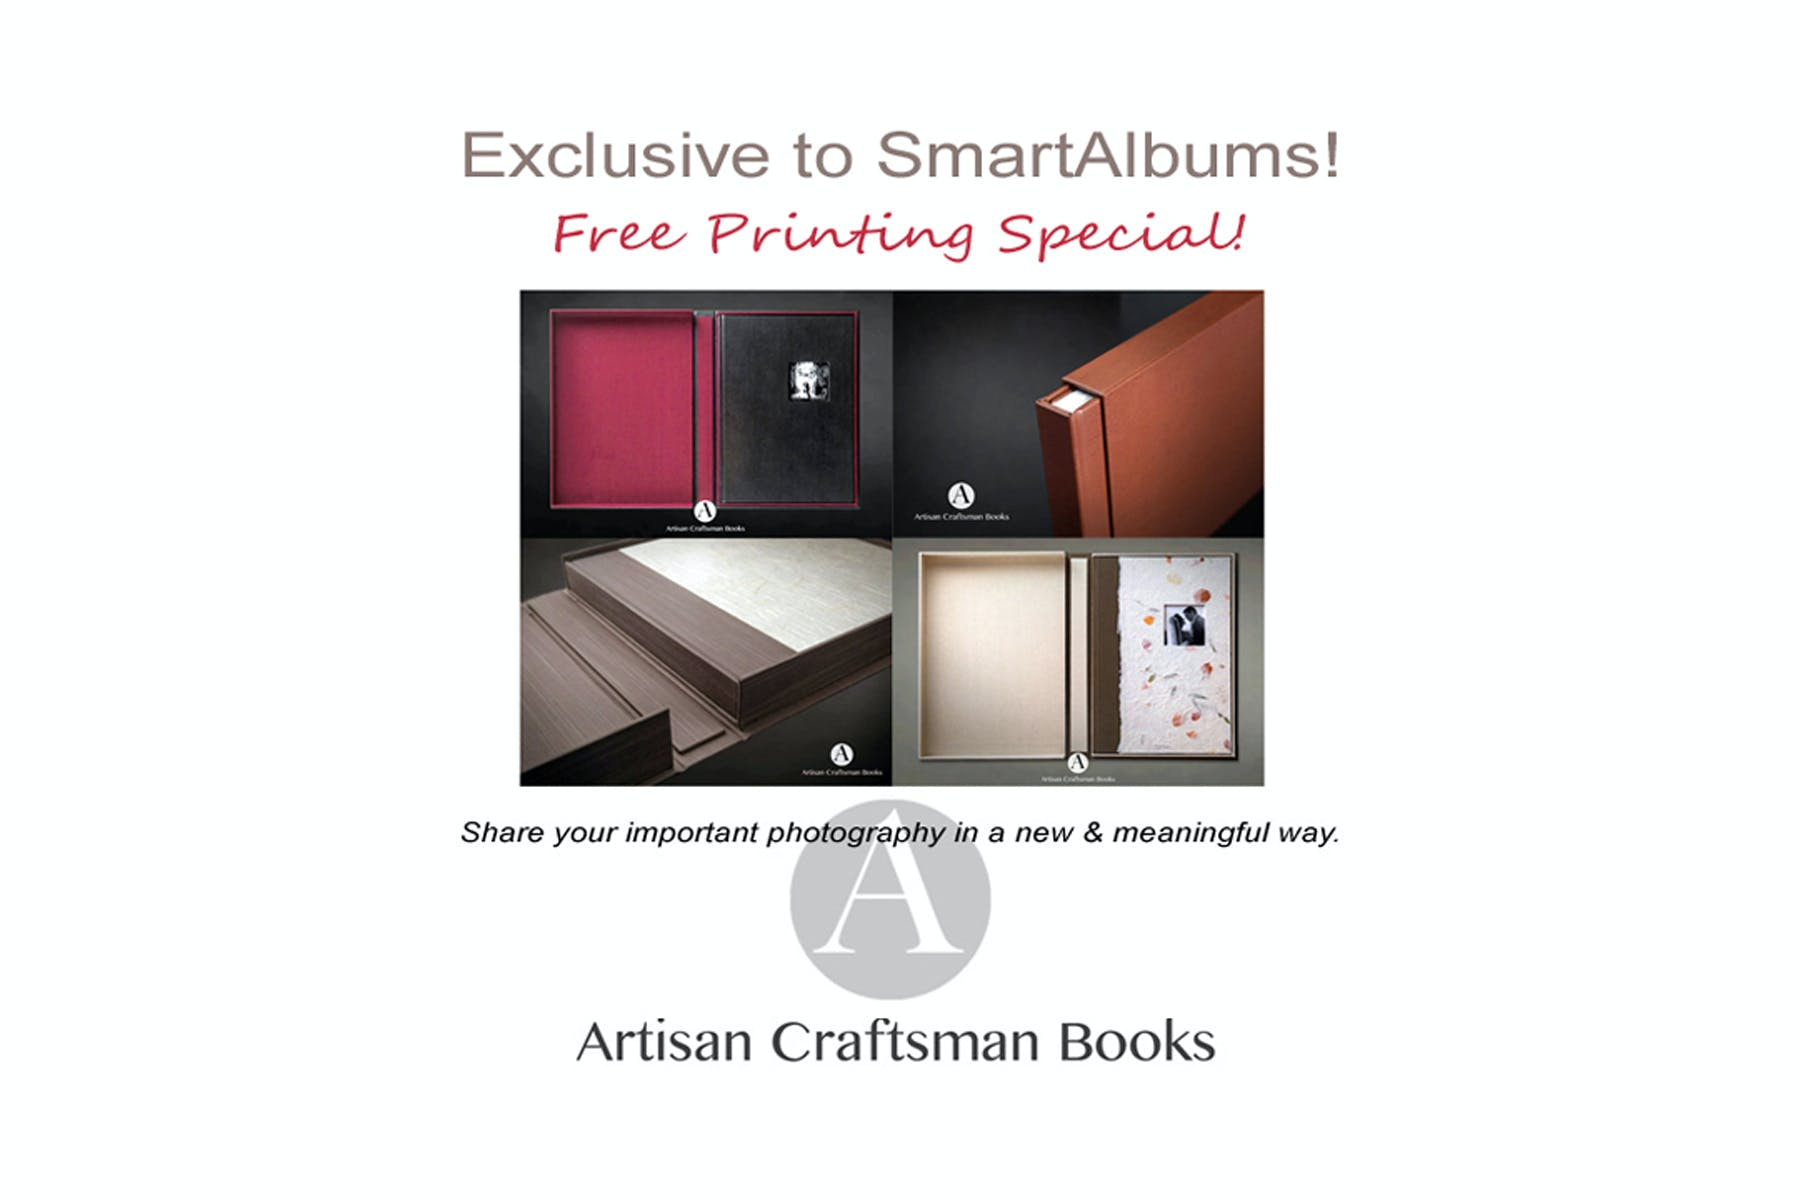 Enjoy free printing from Artisan Craftsman Books